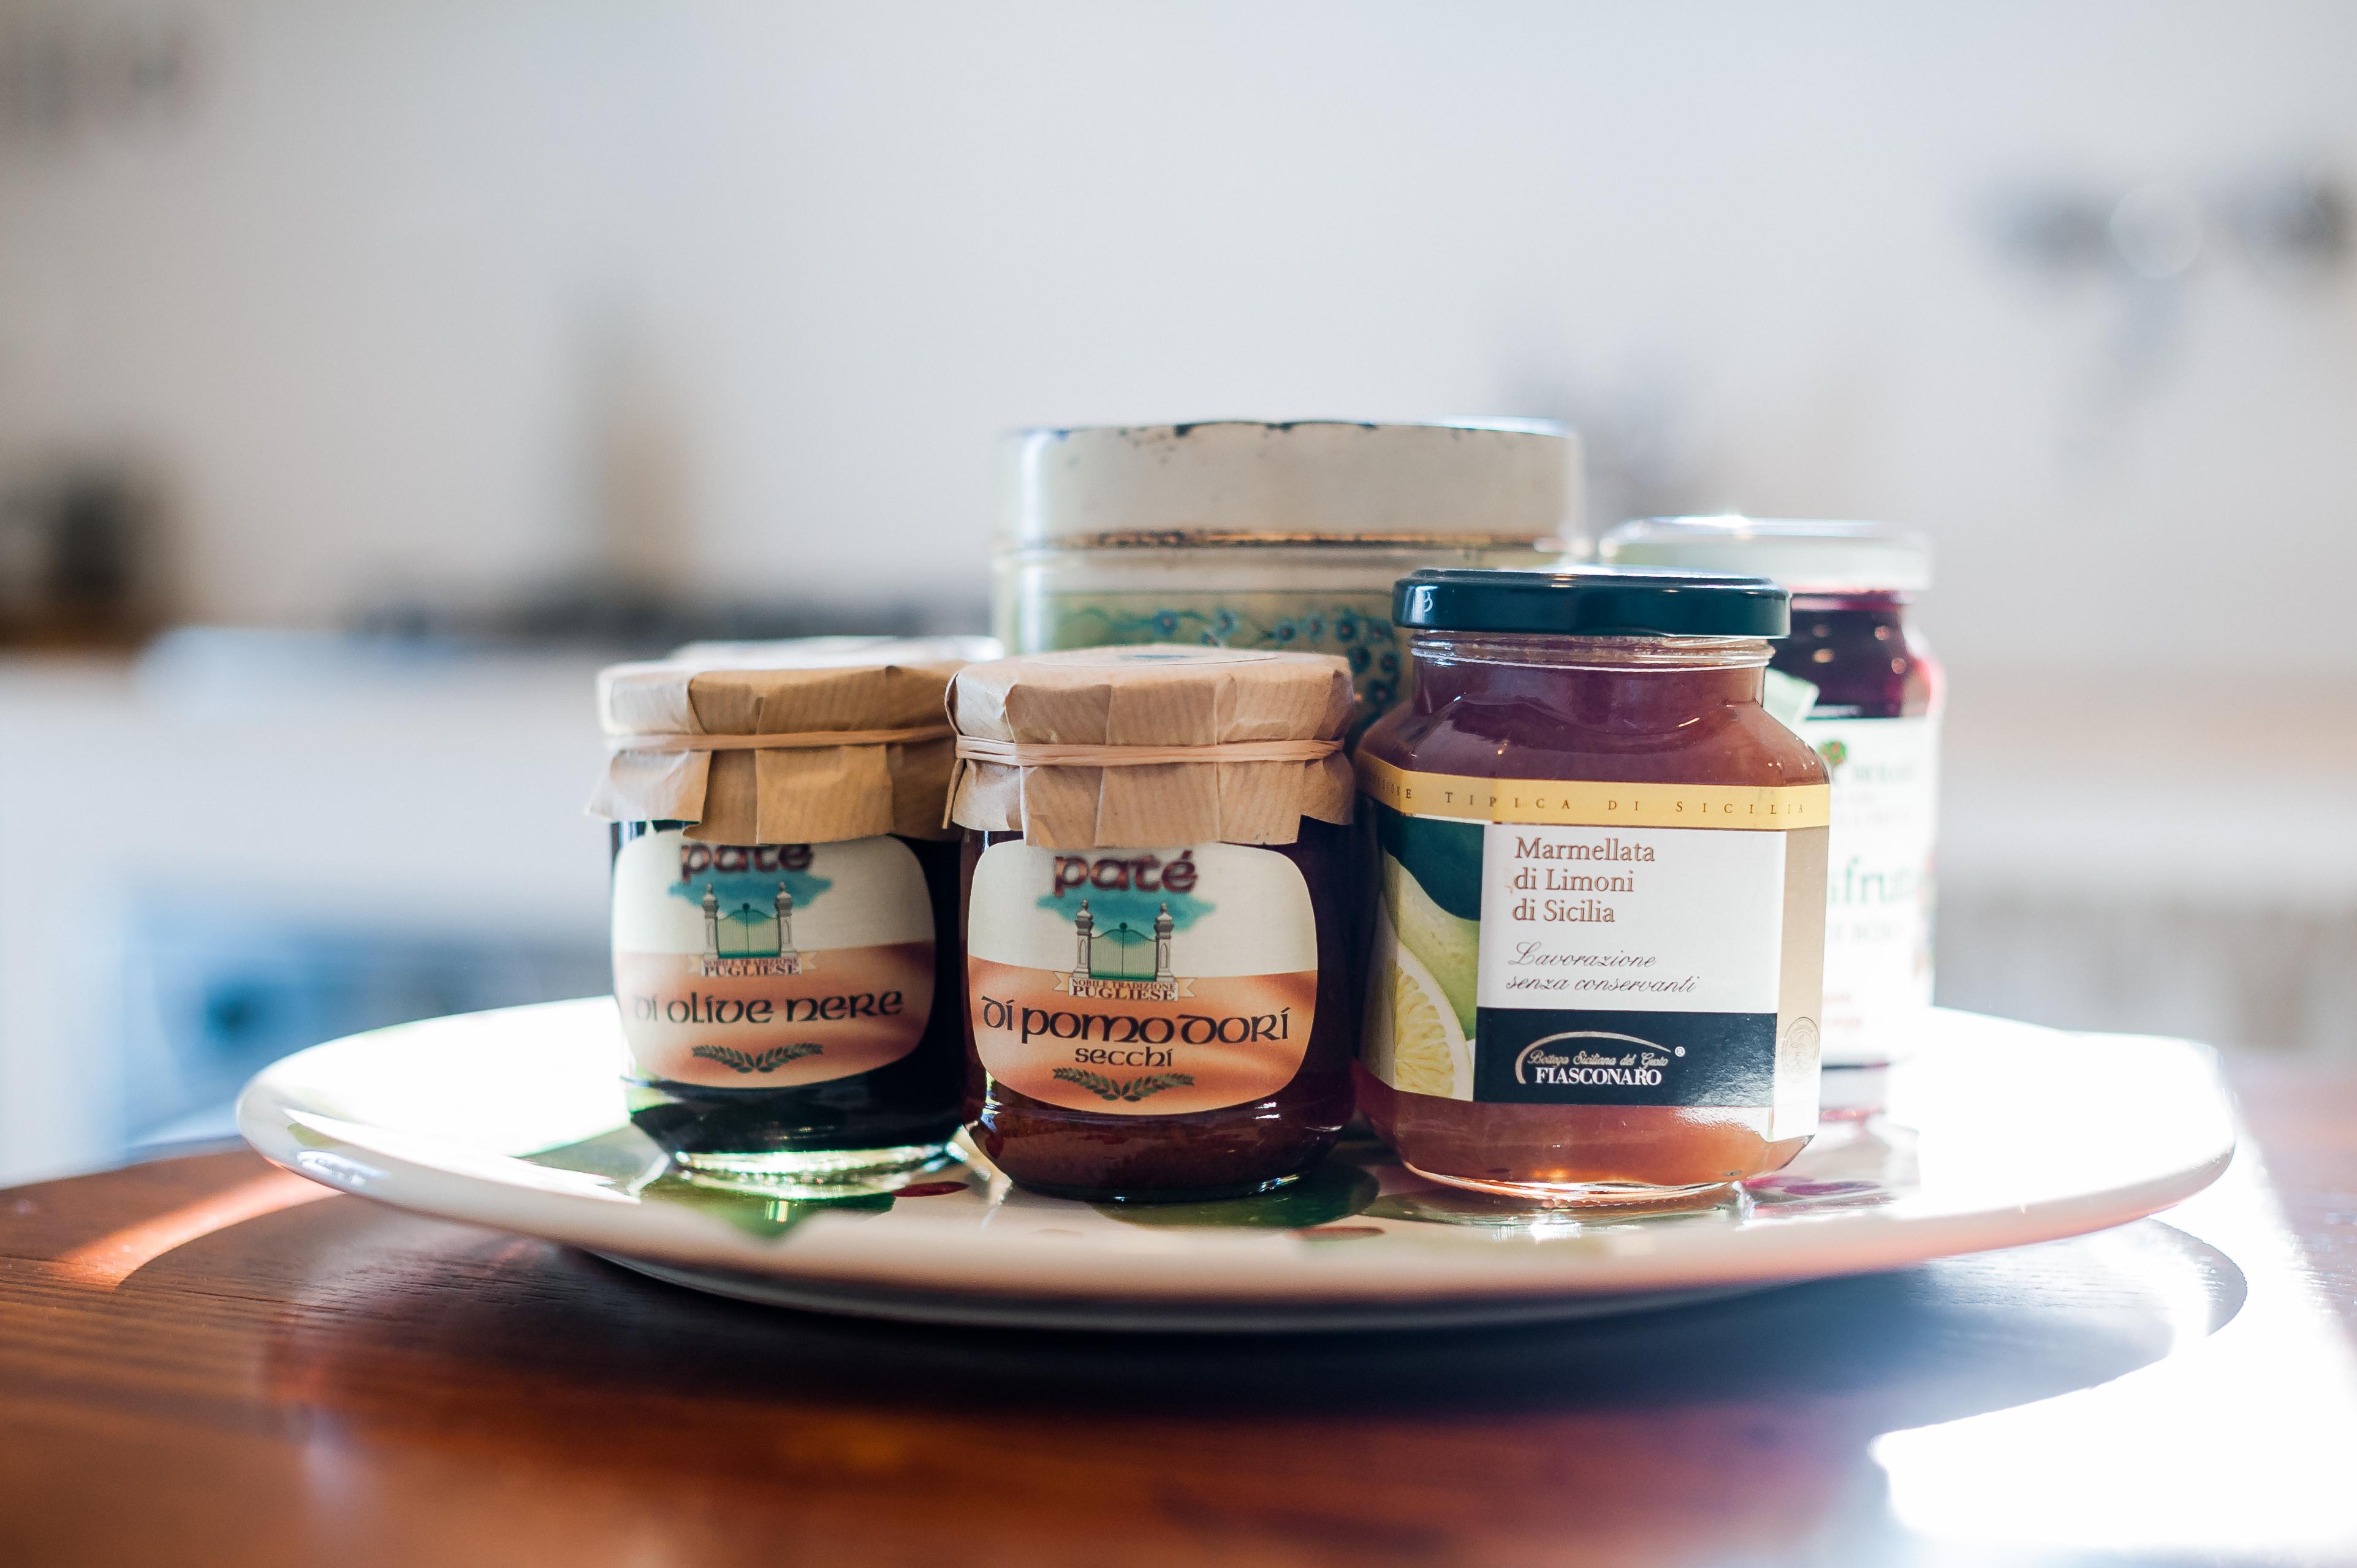 Marmellate e conserve locali renderanno il tuo soggiorno in Puglia davvero gustoso!